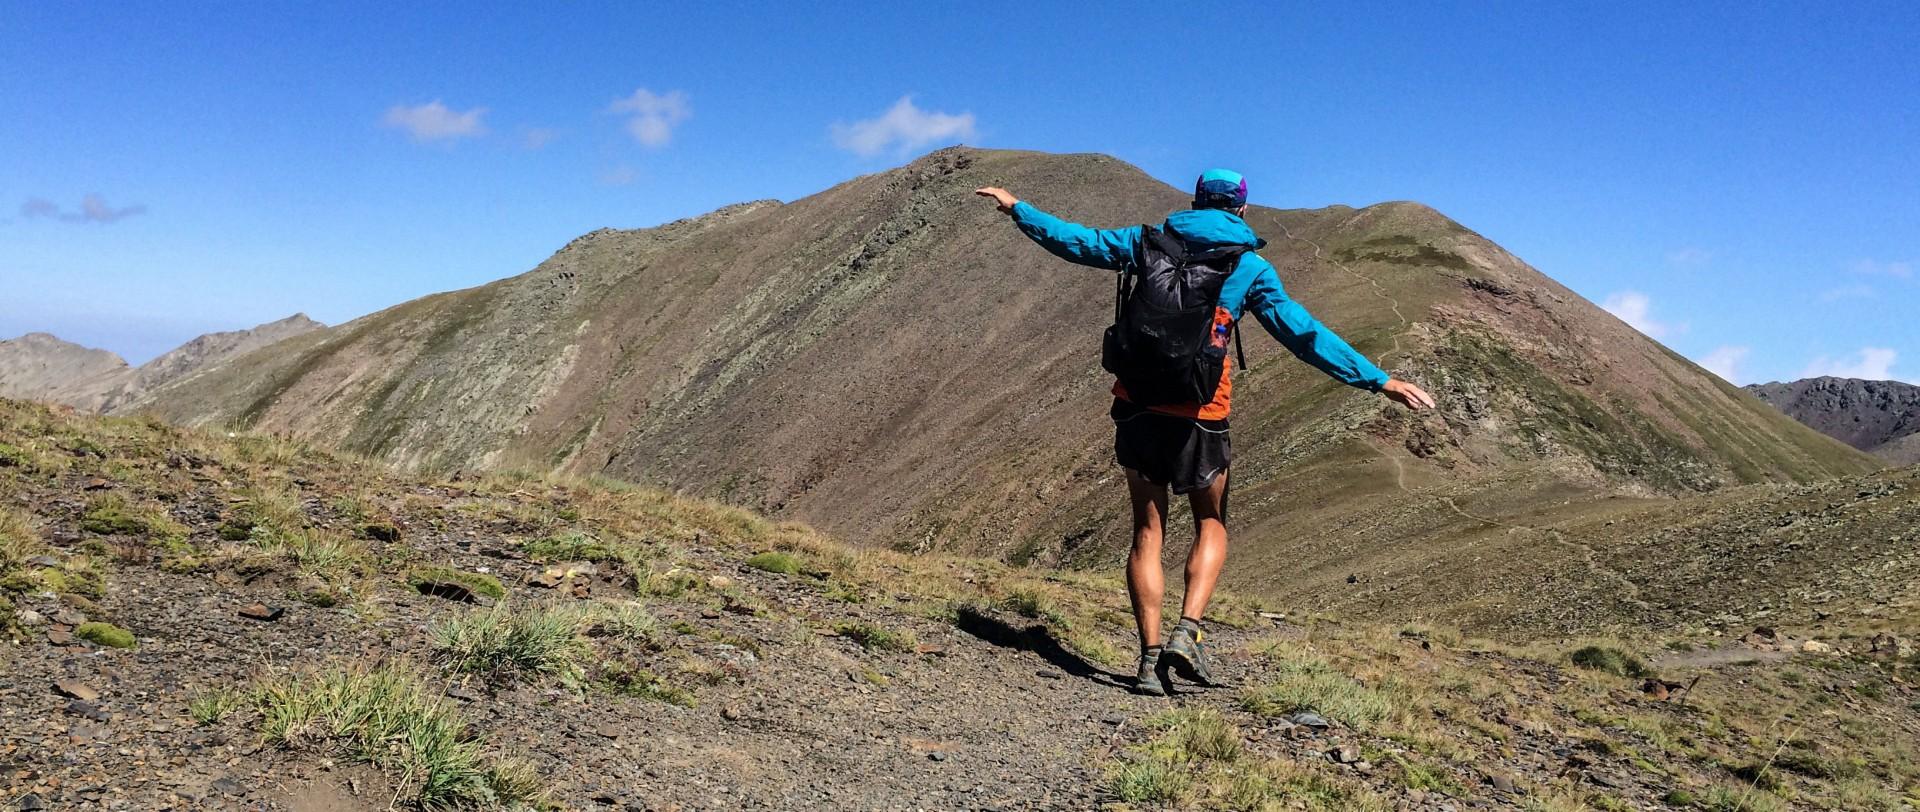 Trekking-Ultraleicht